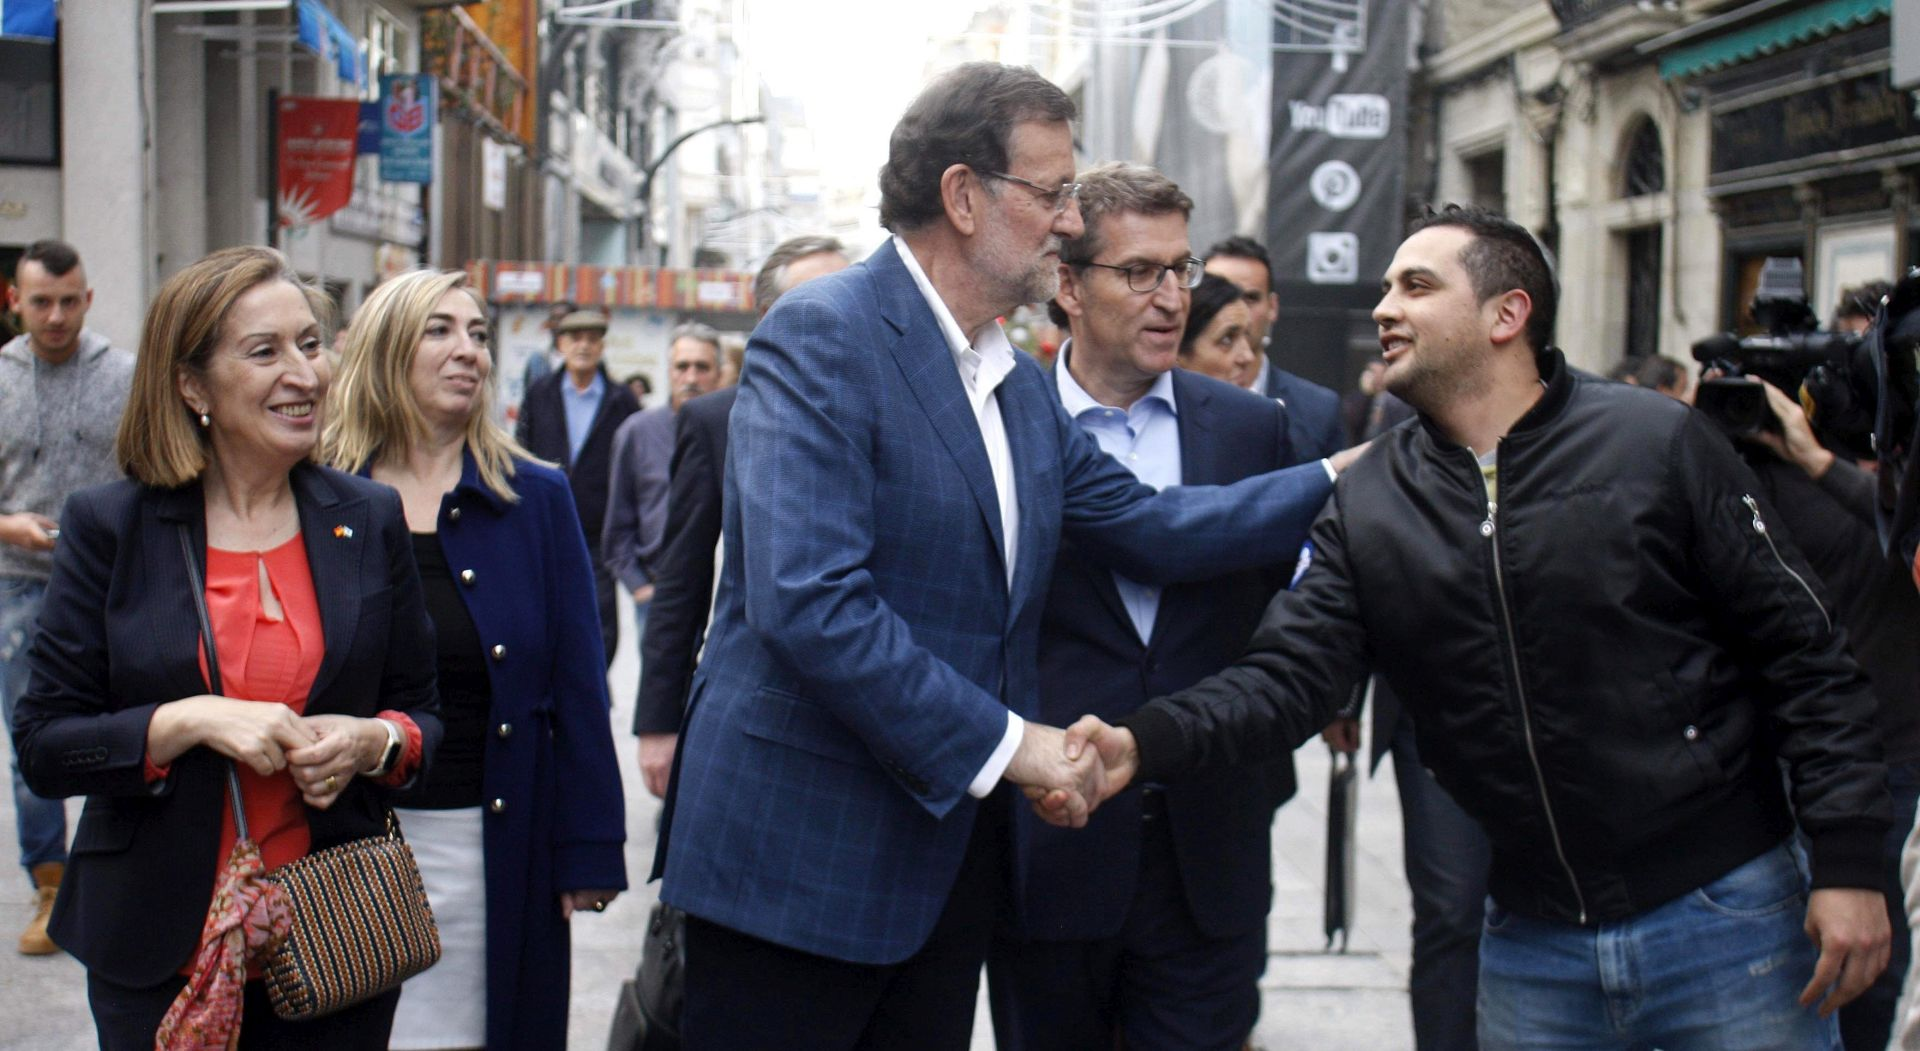 POSLAO PISMO: Izbjeglica kojeg je srušila mađarska novinarka traži pomoć premijera Španjolske